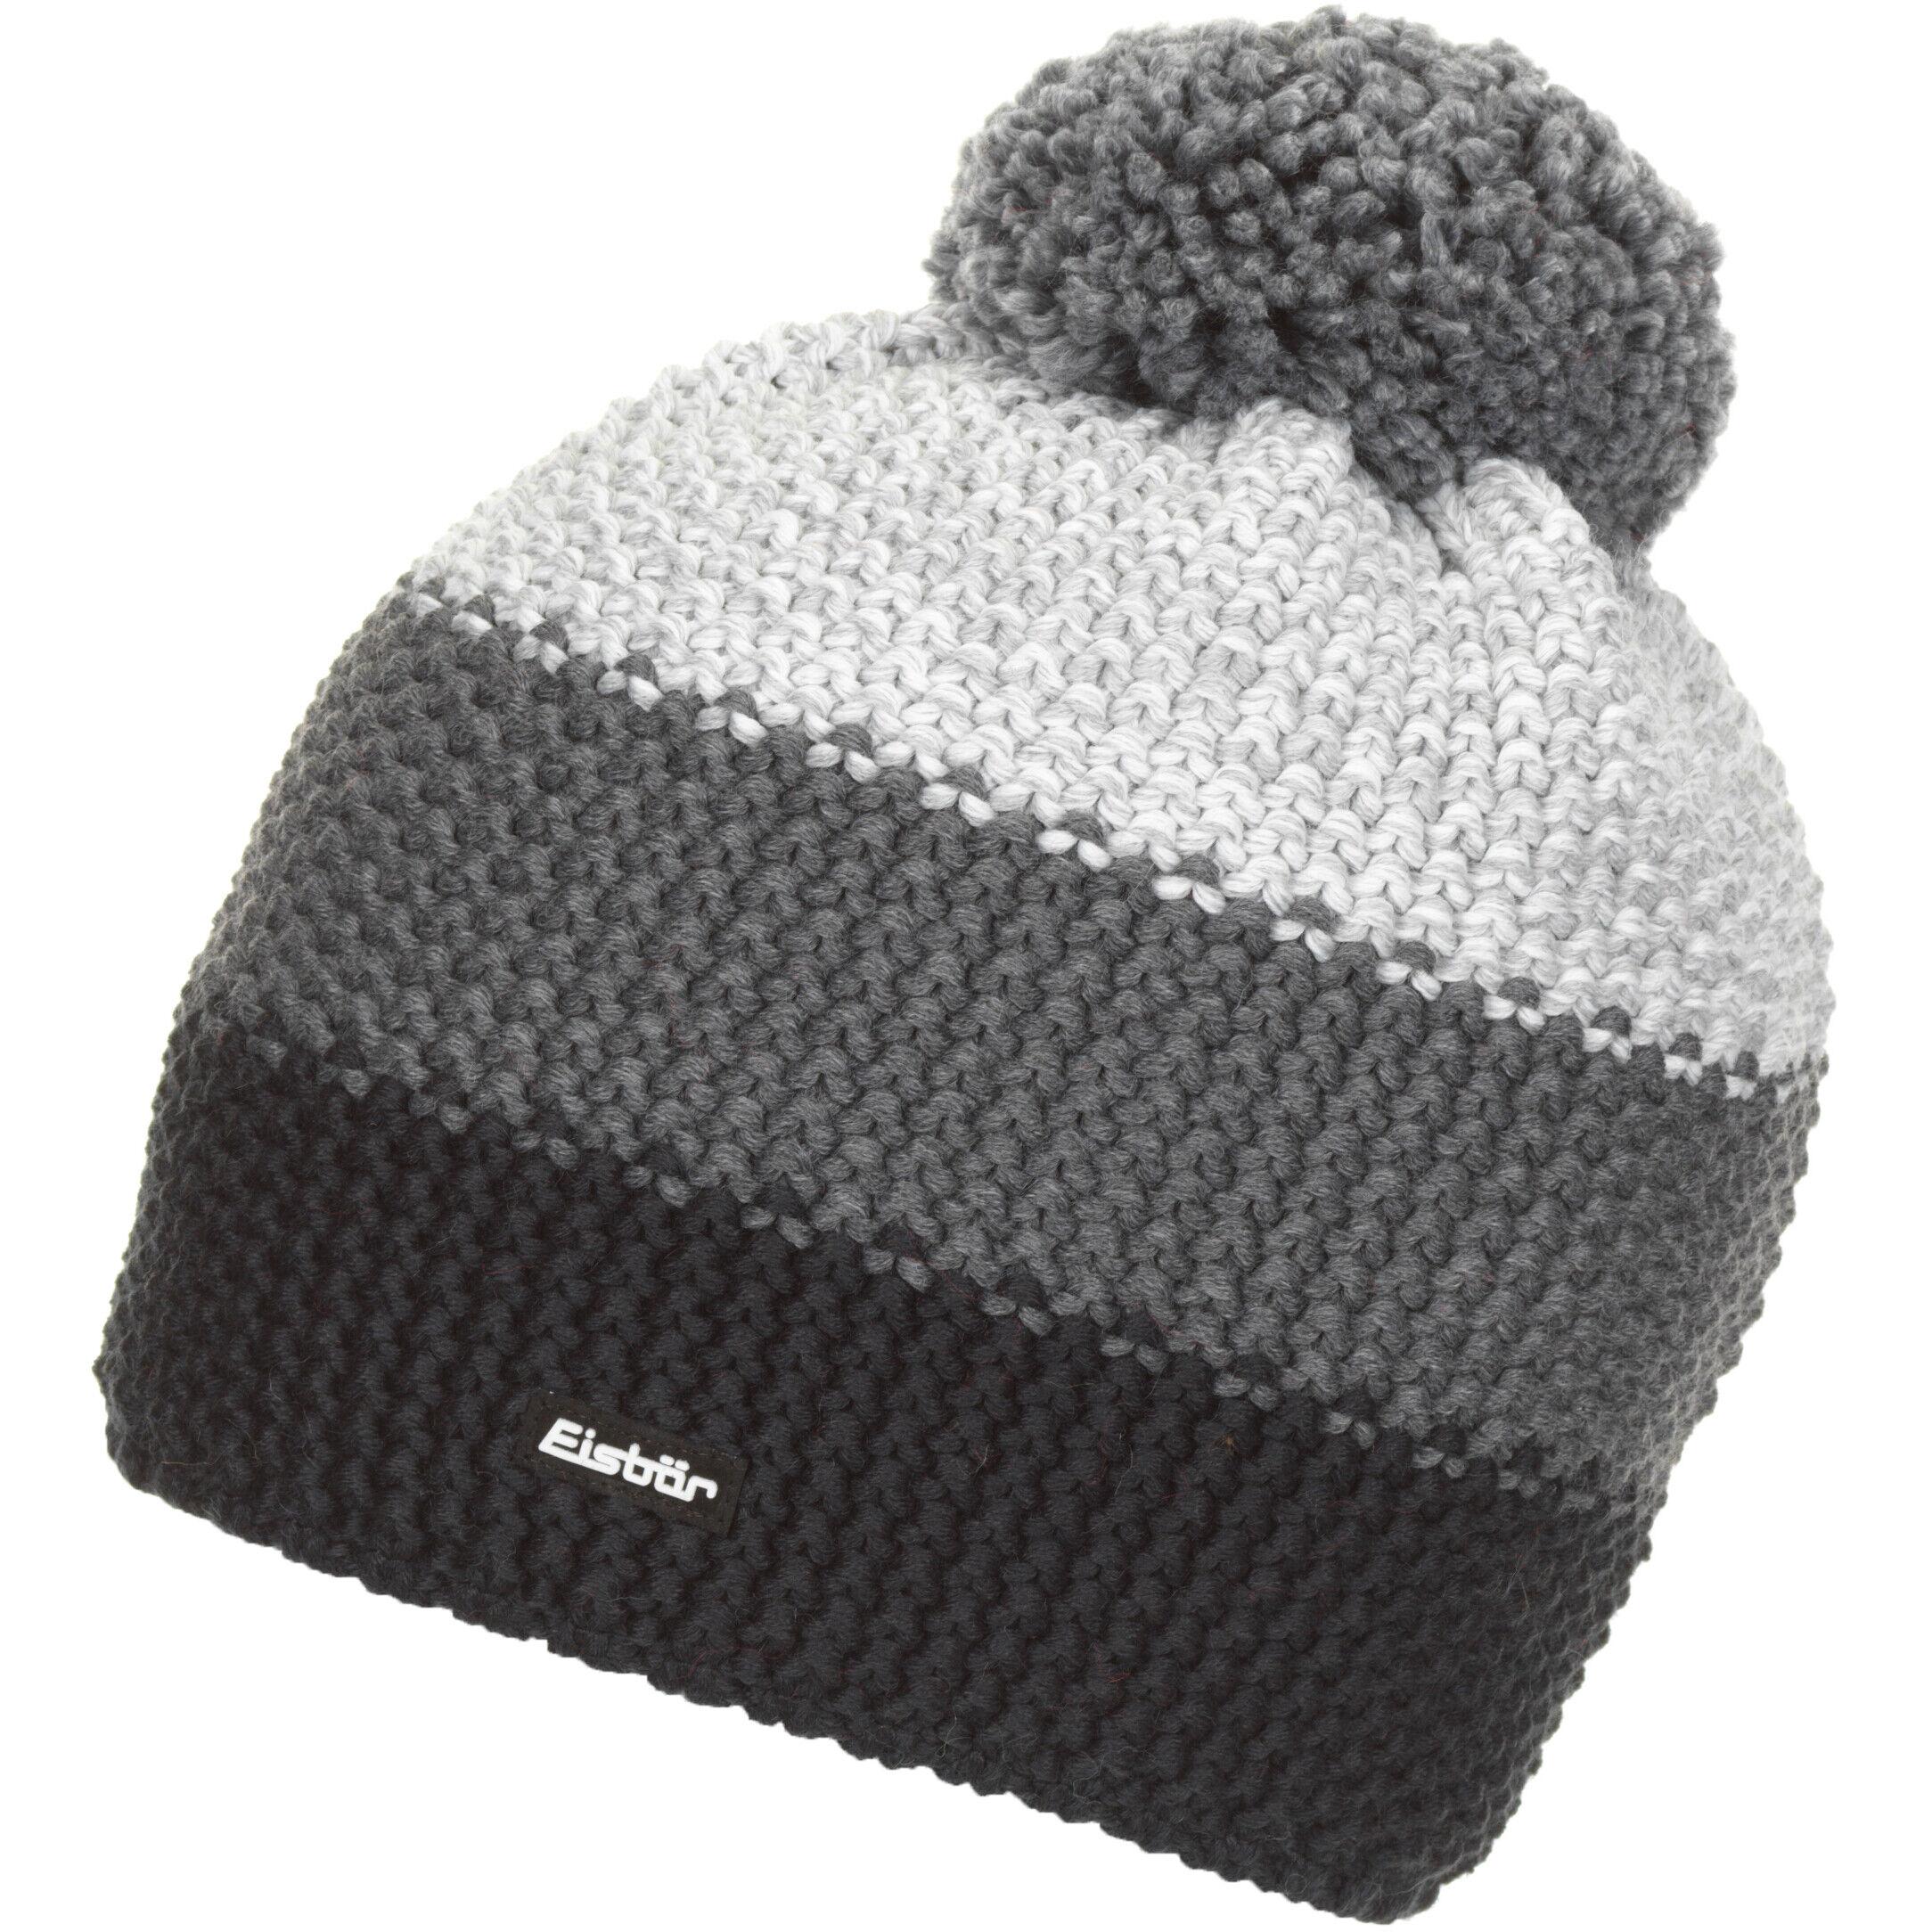 Eisbär Mountain Mütze XL Herren nightockerwhite